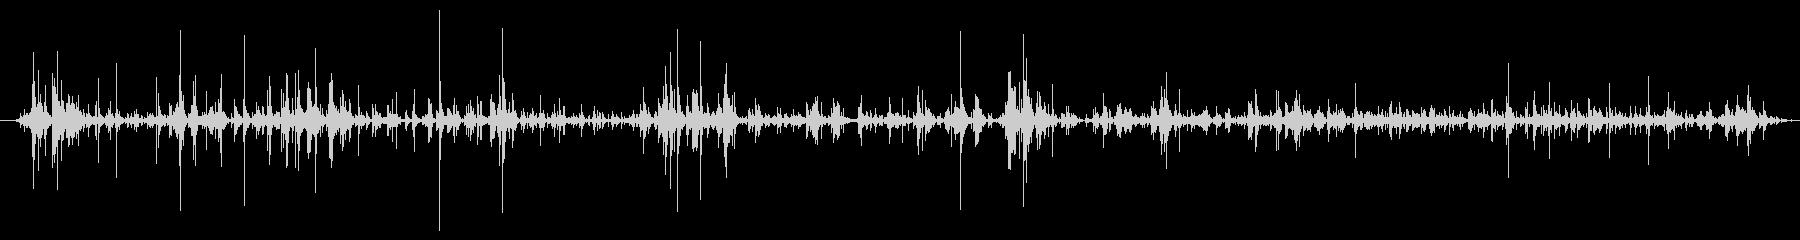 キー キーホルダー大ガラガラエアシ...の未再生の波形